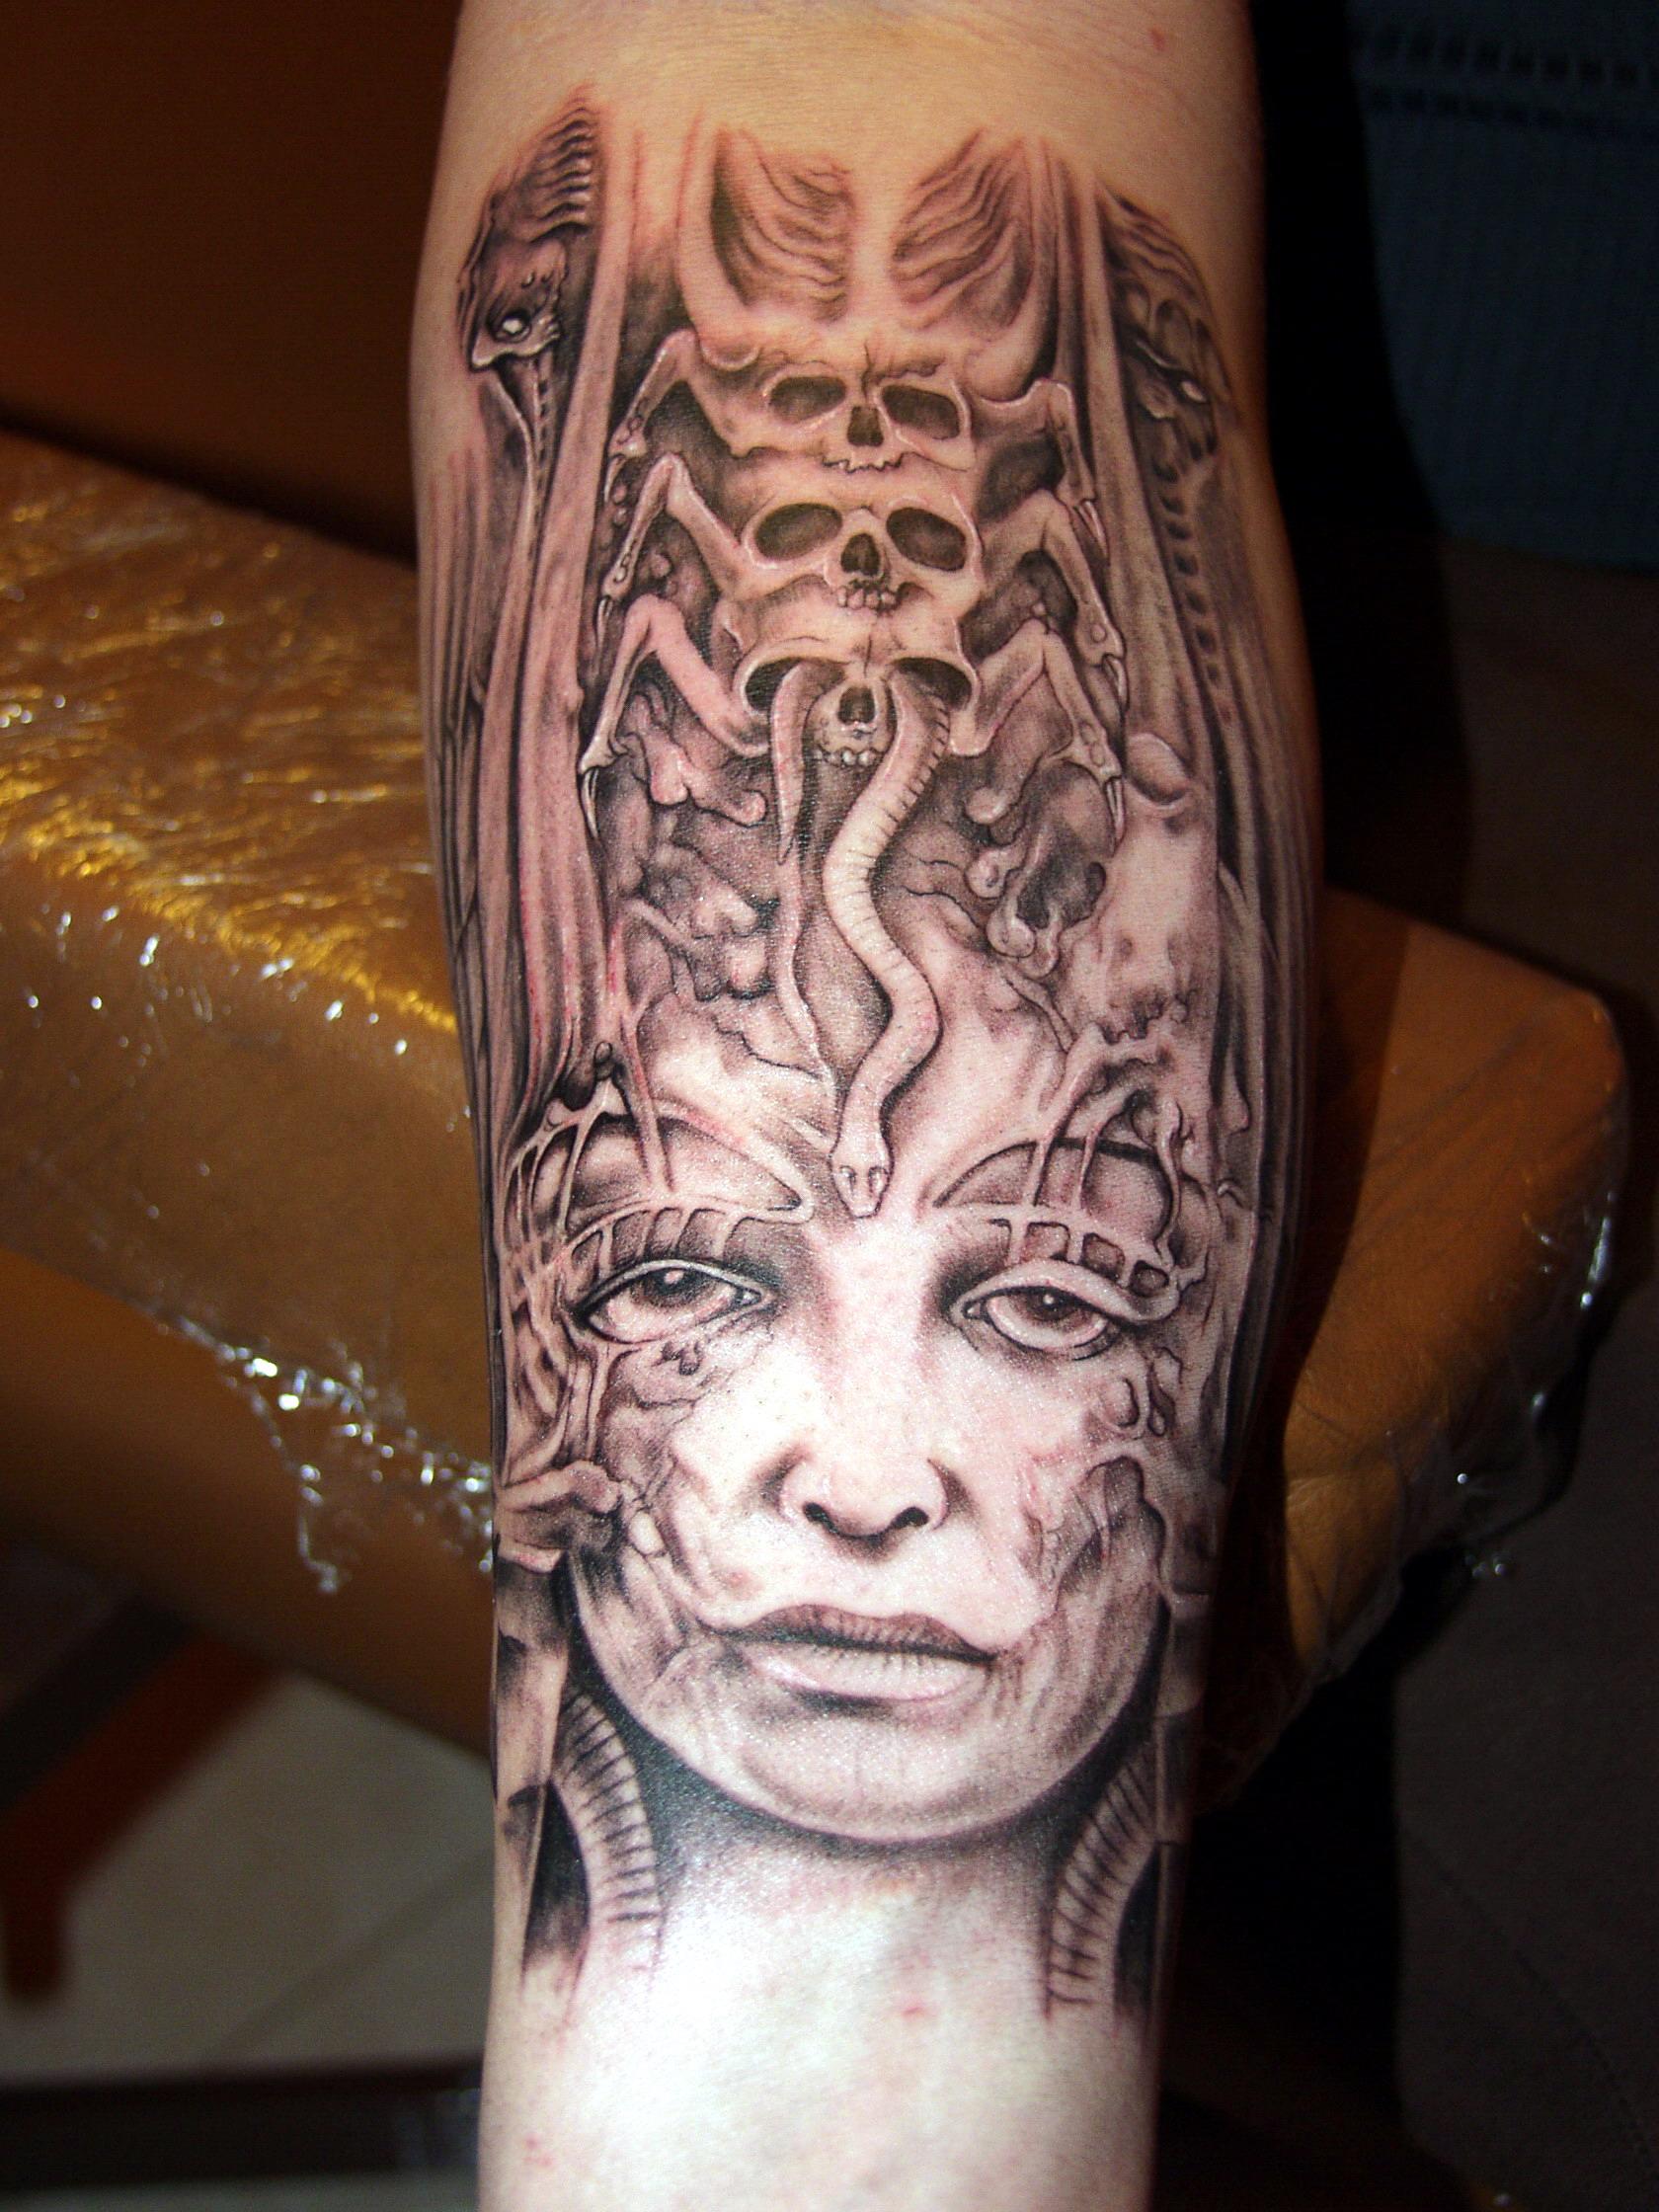 Hr giger tattoo designs - H R Giger By Fpista H R Giger By Fpista